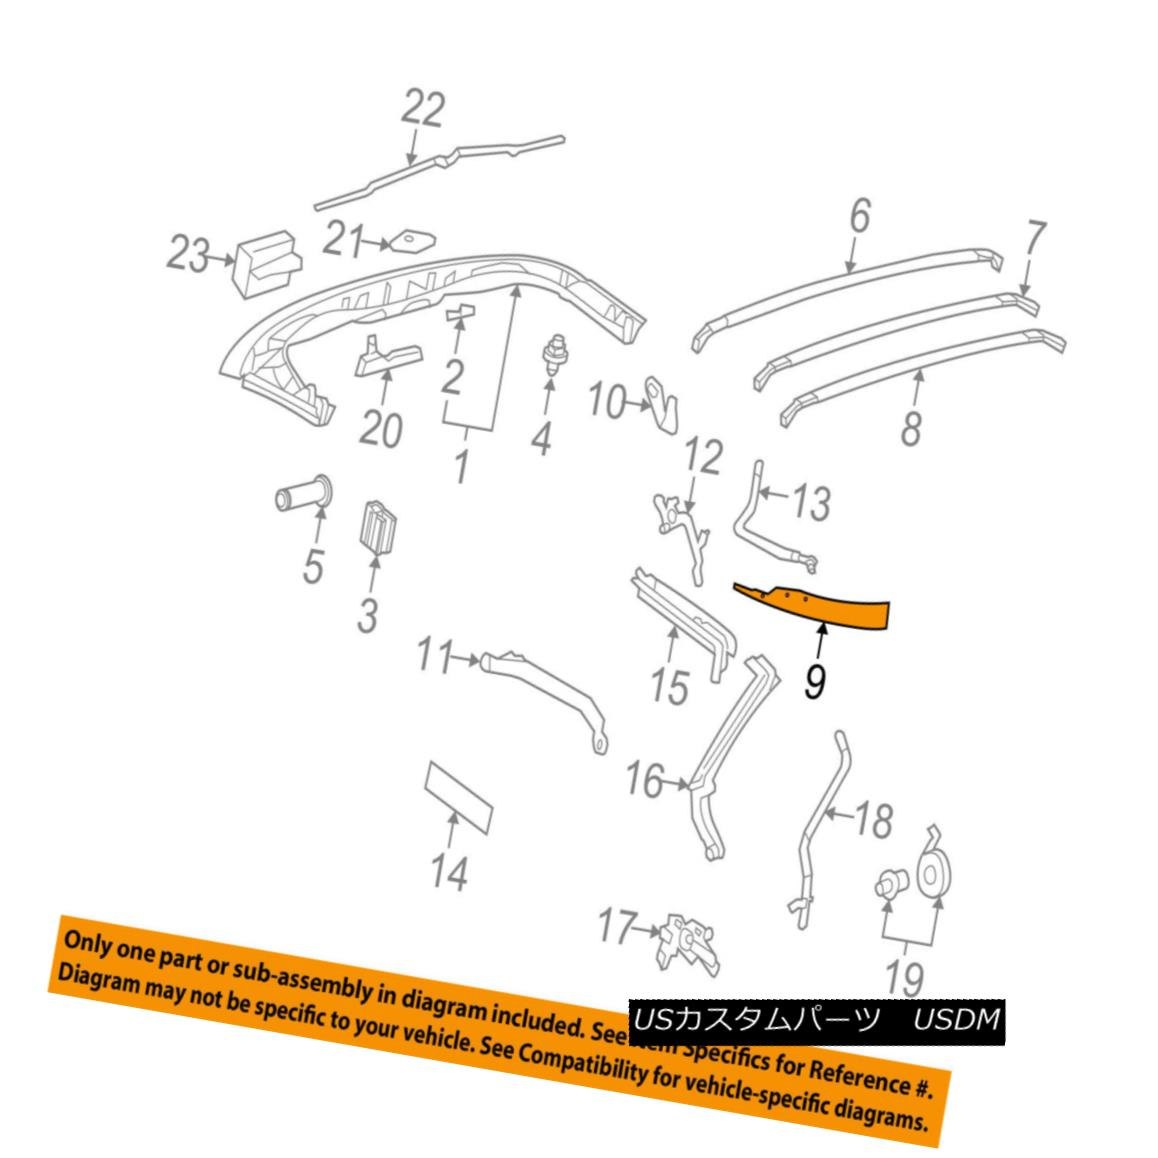 幌・ソフトトップ Chevrolet GM OEM 05-13 Corvette Convertible/soft Top-Rear Bow 89023790 Chevrolet GM OEM 05-13コルベット・コンバーチブル/ so ftトップ・リア・ボウ89023790